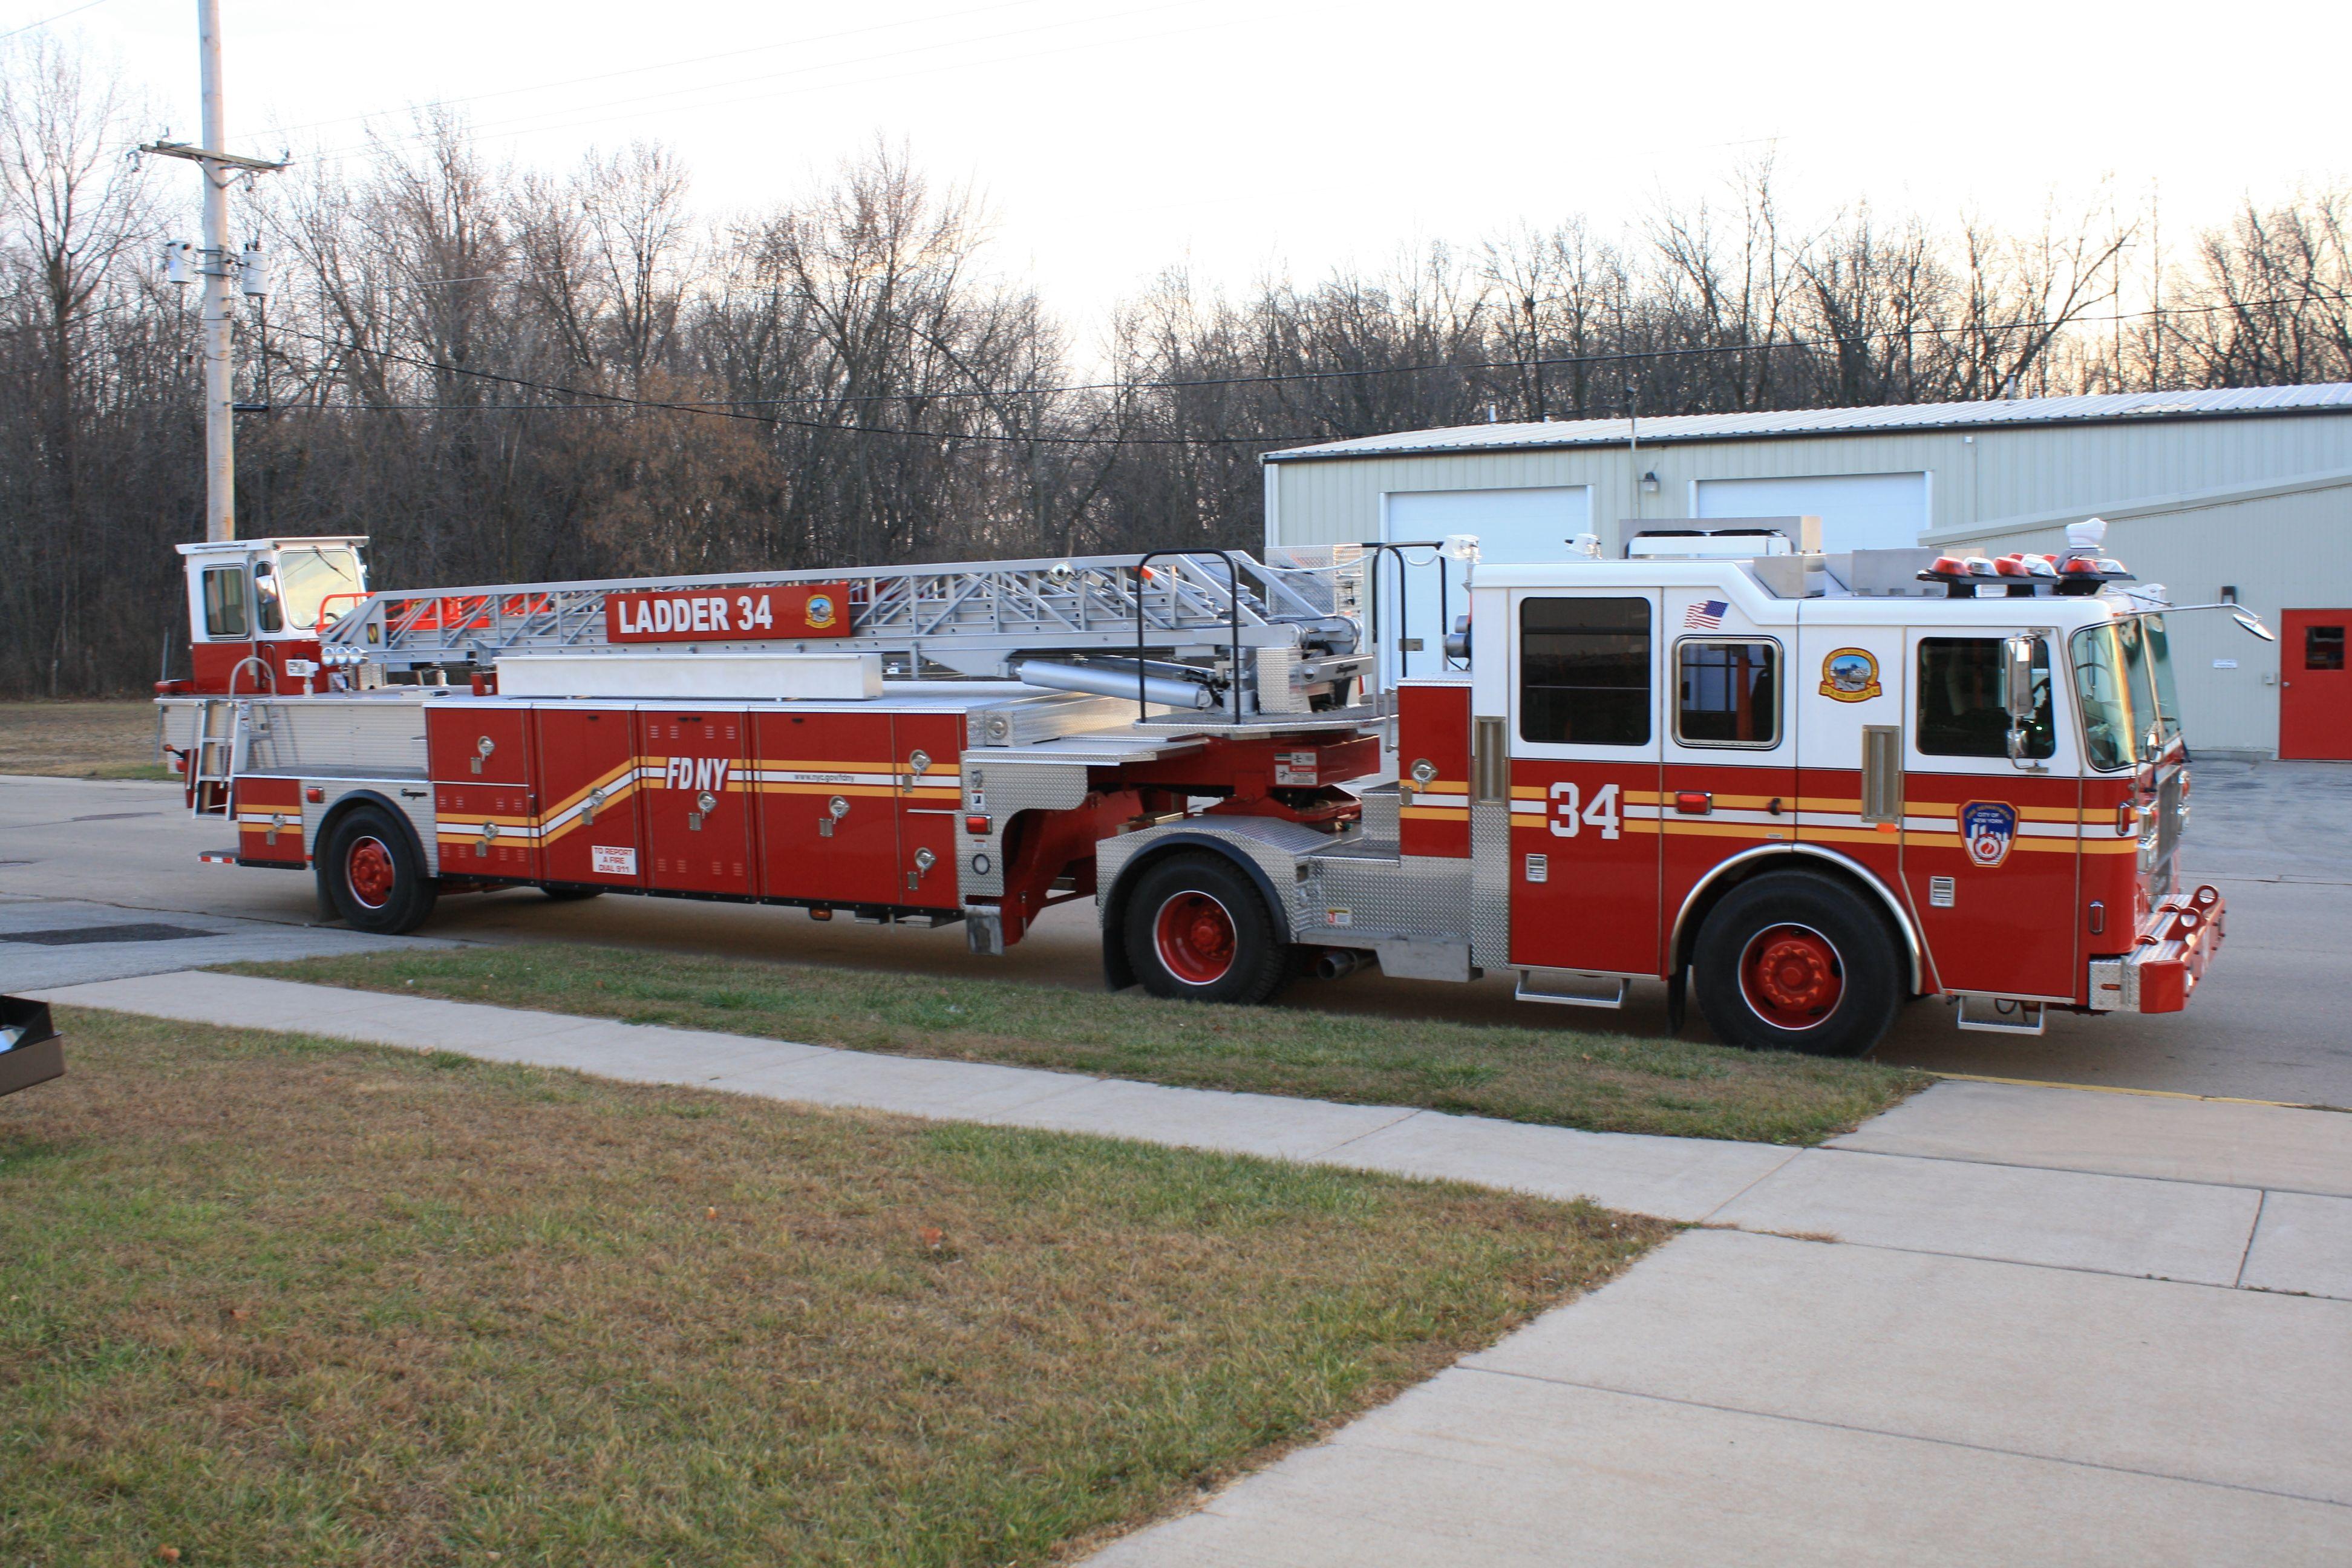 Seagrave Fire Apparatus >> Fire Trucks Seagrave Fire Apparatus Fire Apparatus Fire